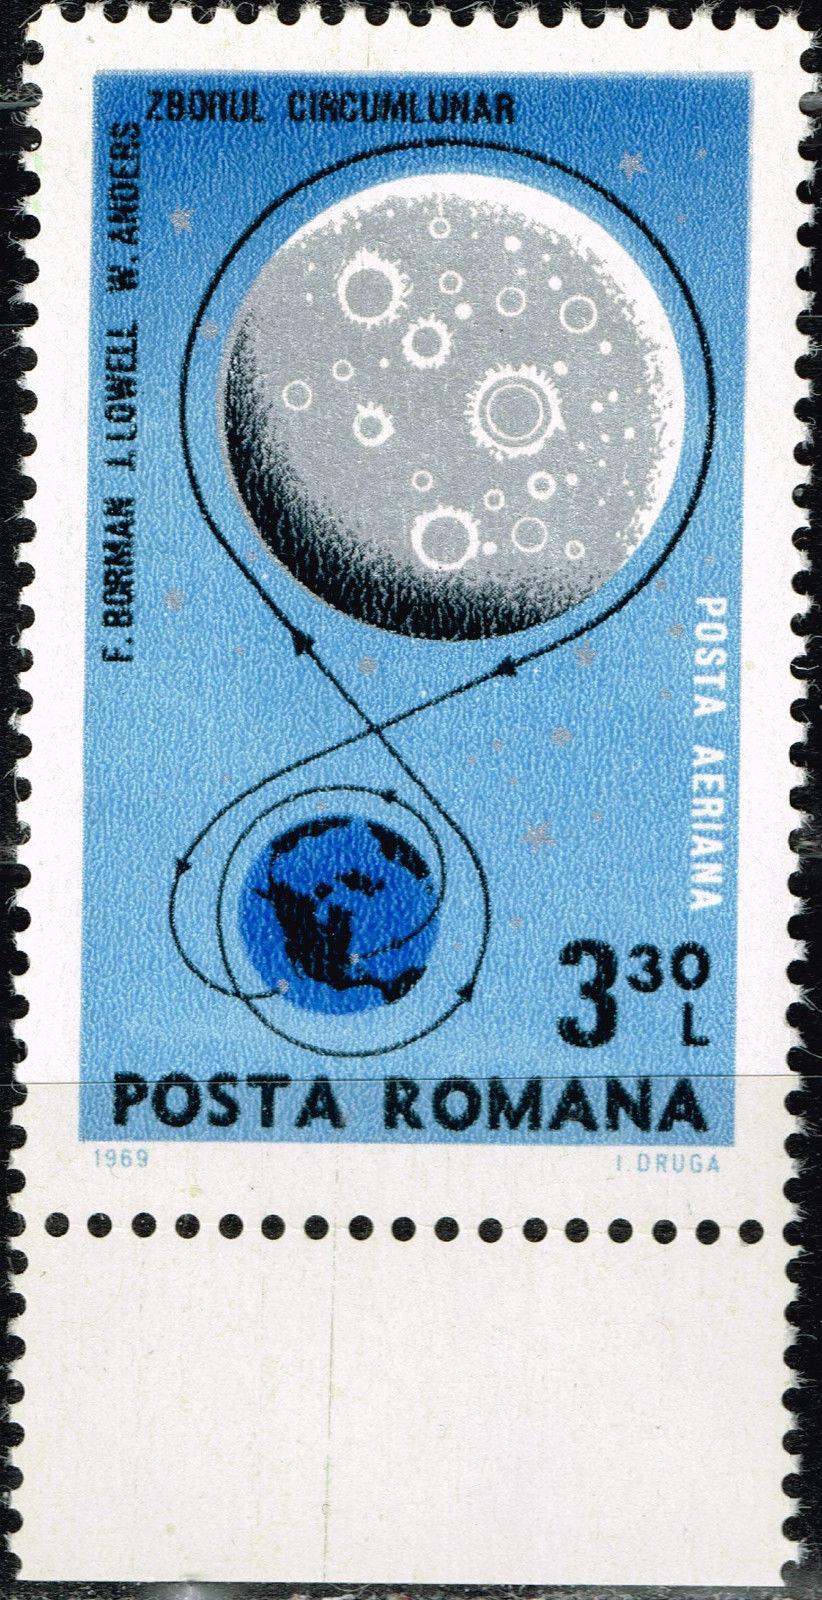 Romania - Scott #C171 (1969)